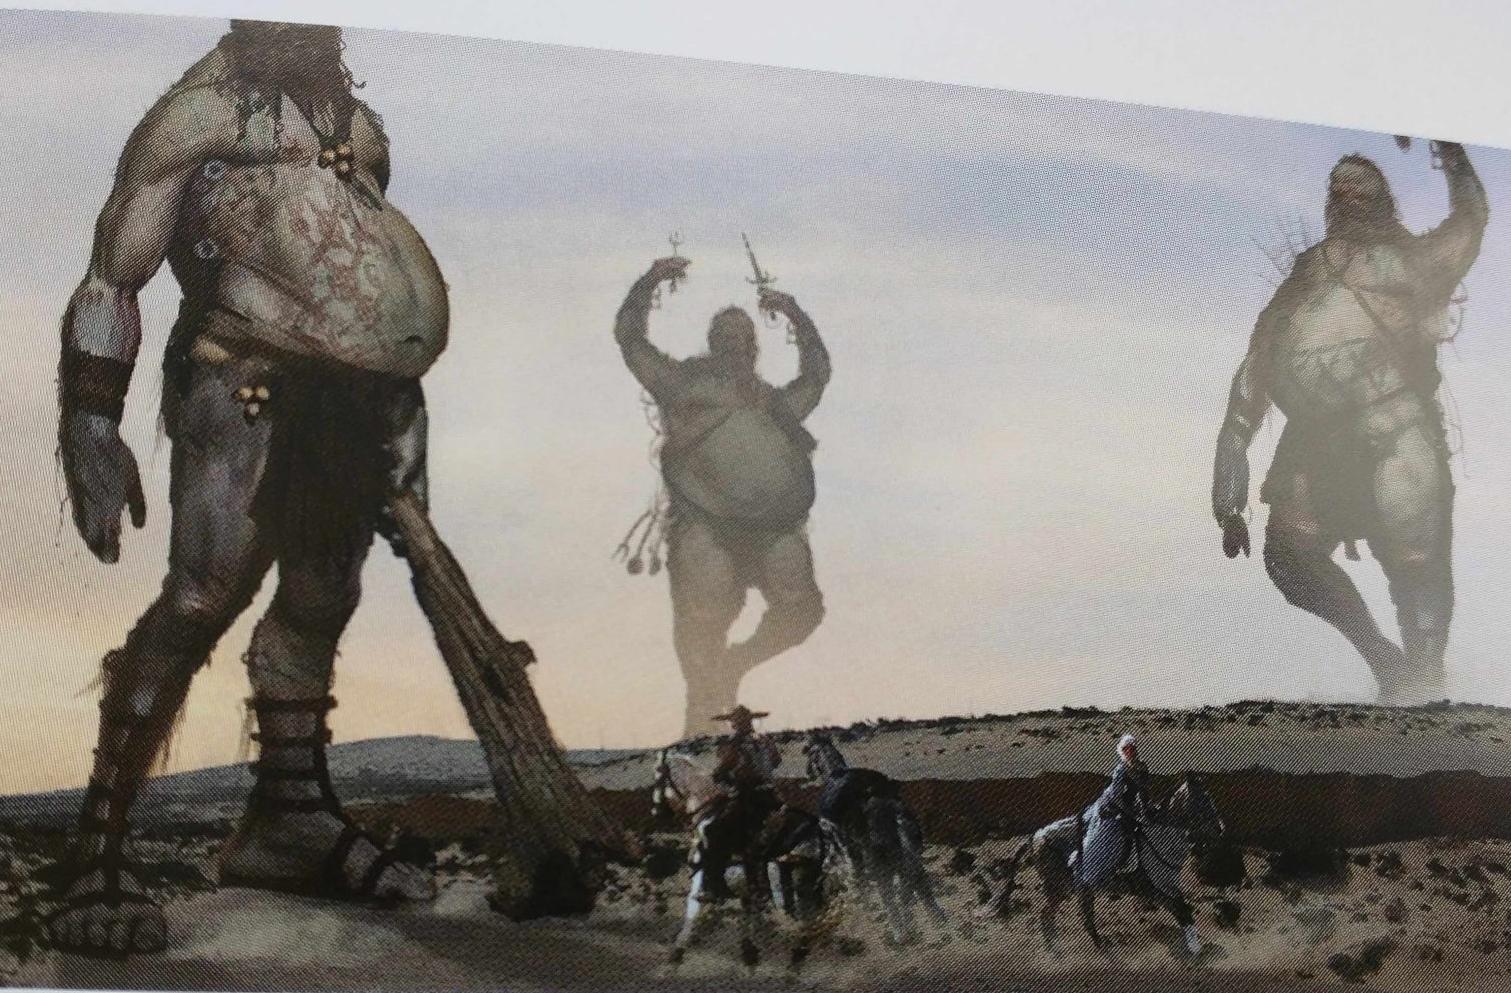 arte dom quixote terry gilliam gigantes